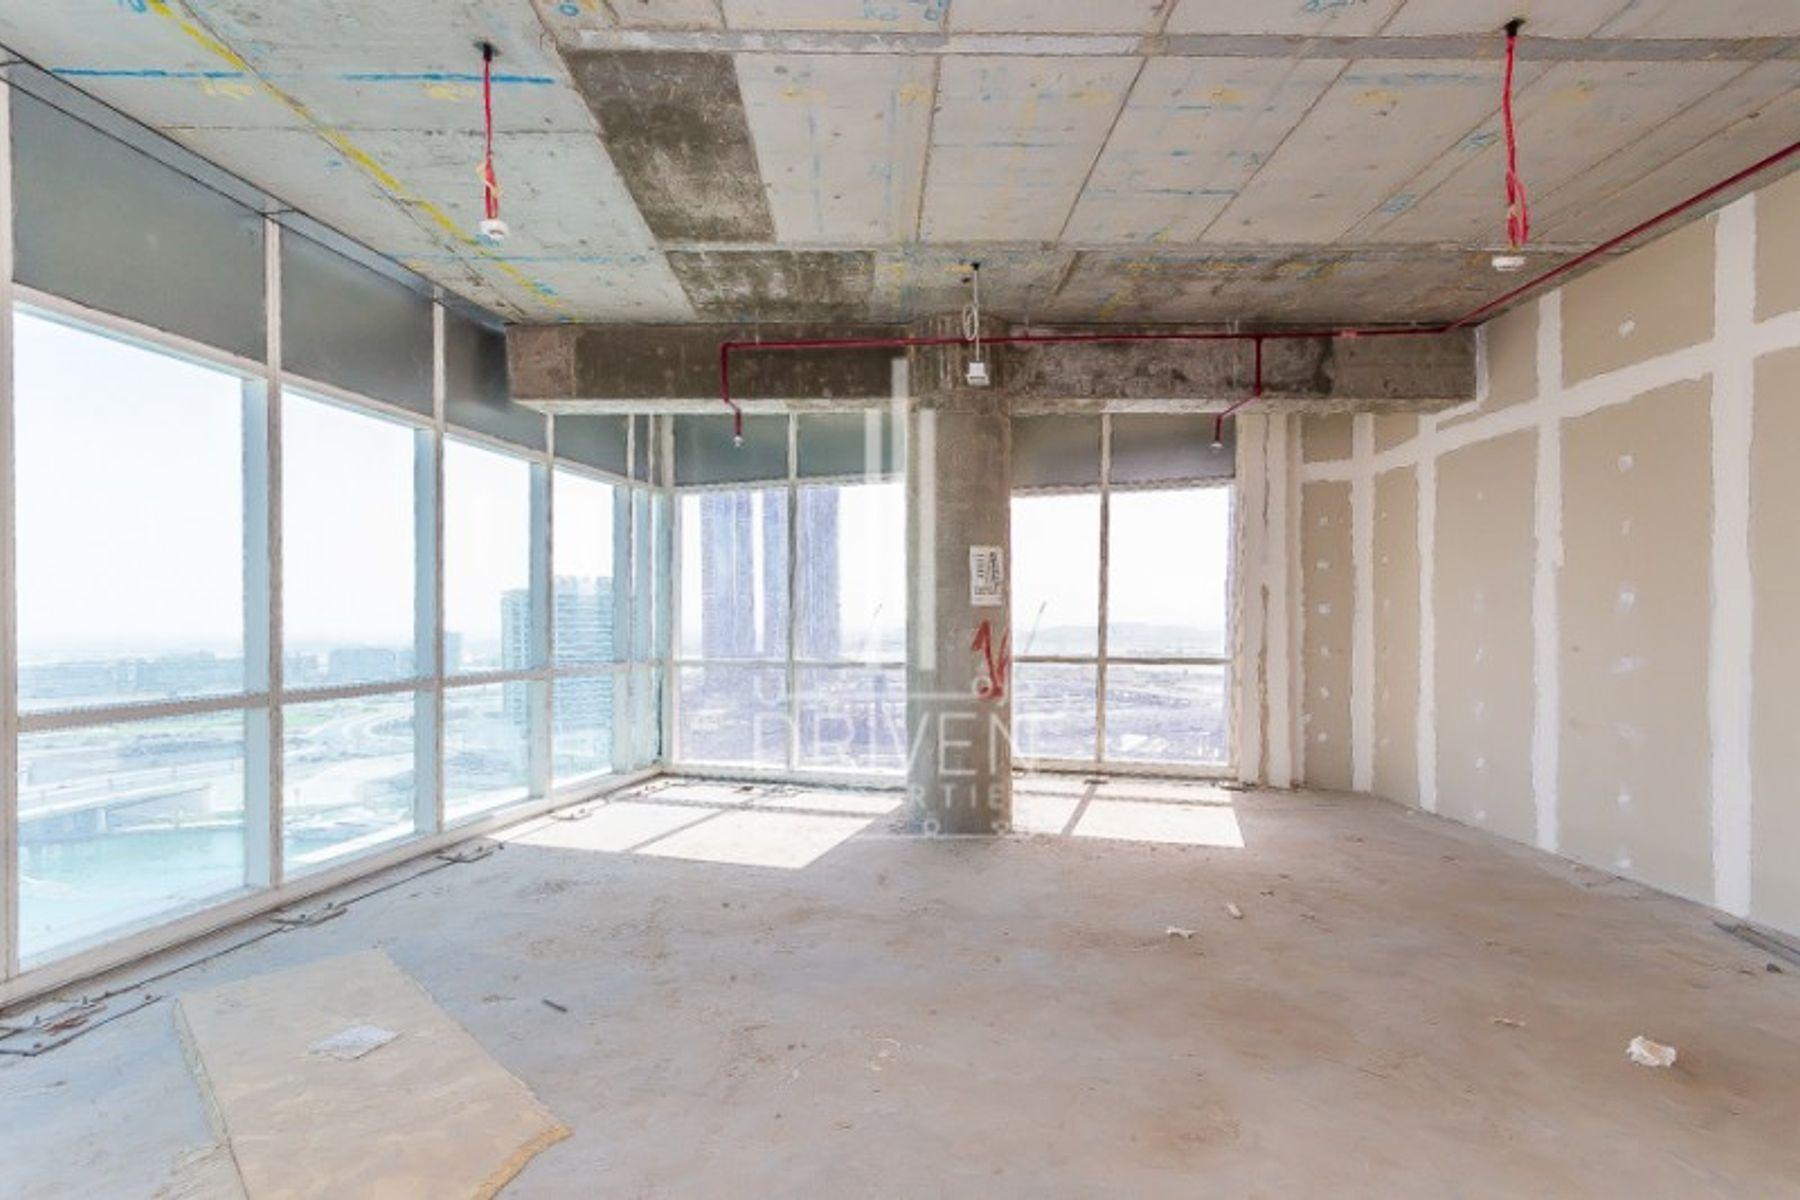 للبيع - مكتب - B2B  برج, الخليج التجاري